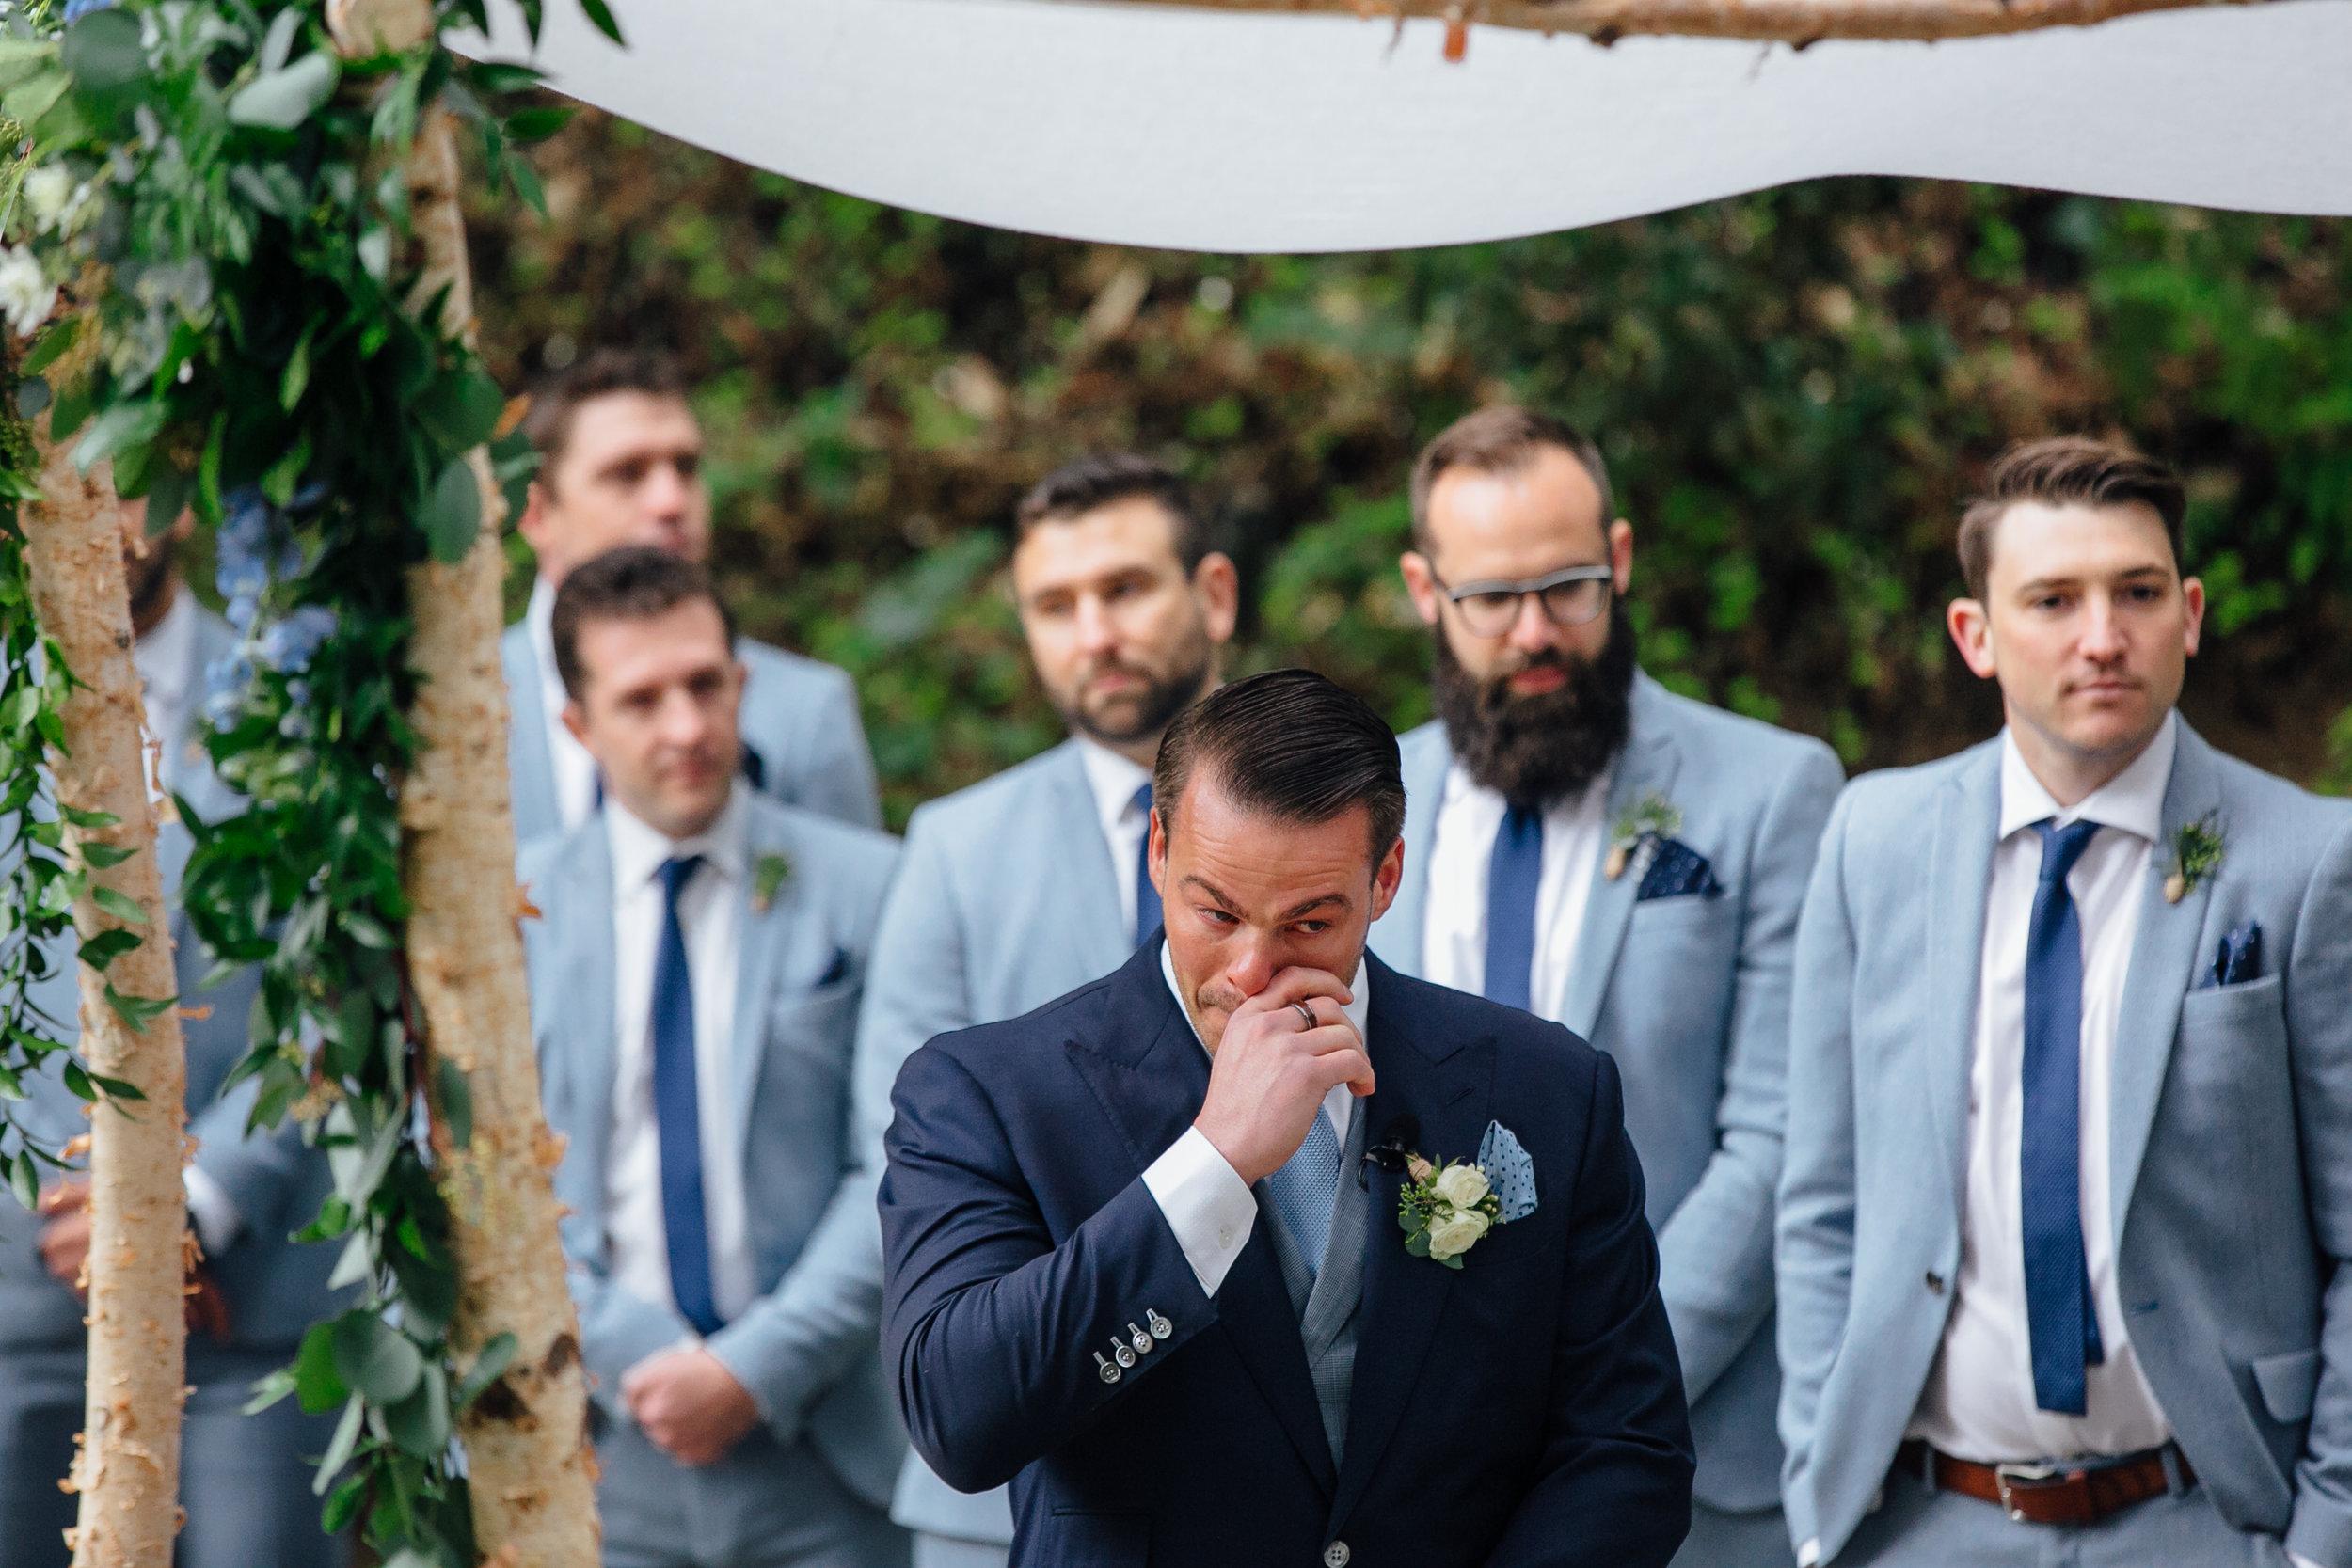 Wedding_T&A_SneakPeek_21.jpg